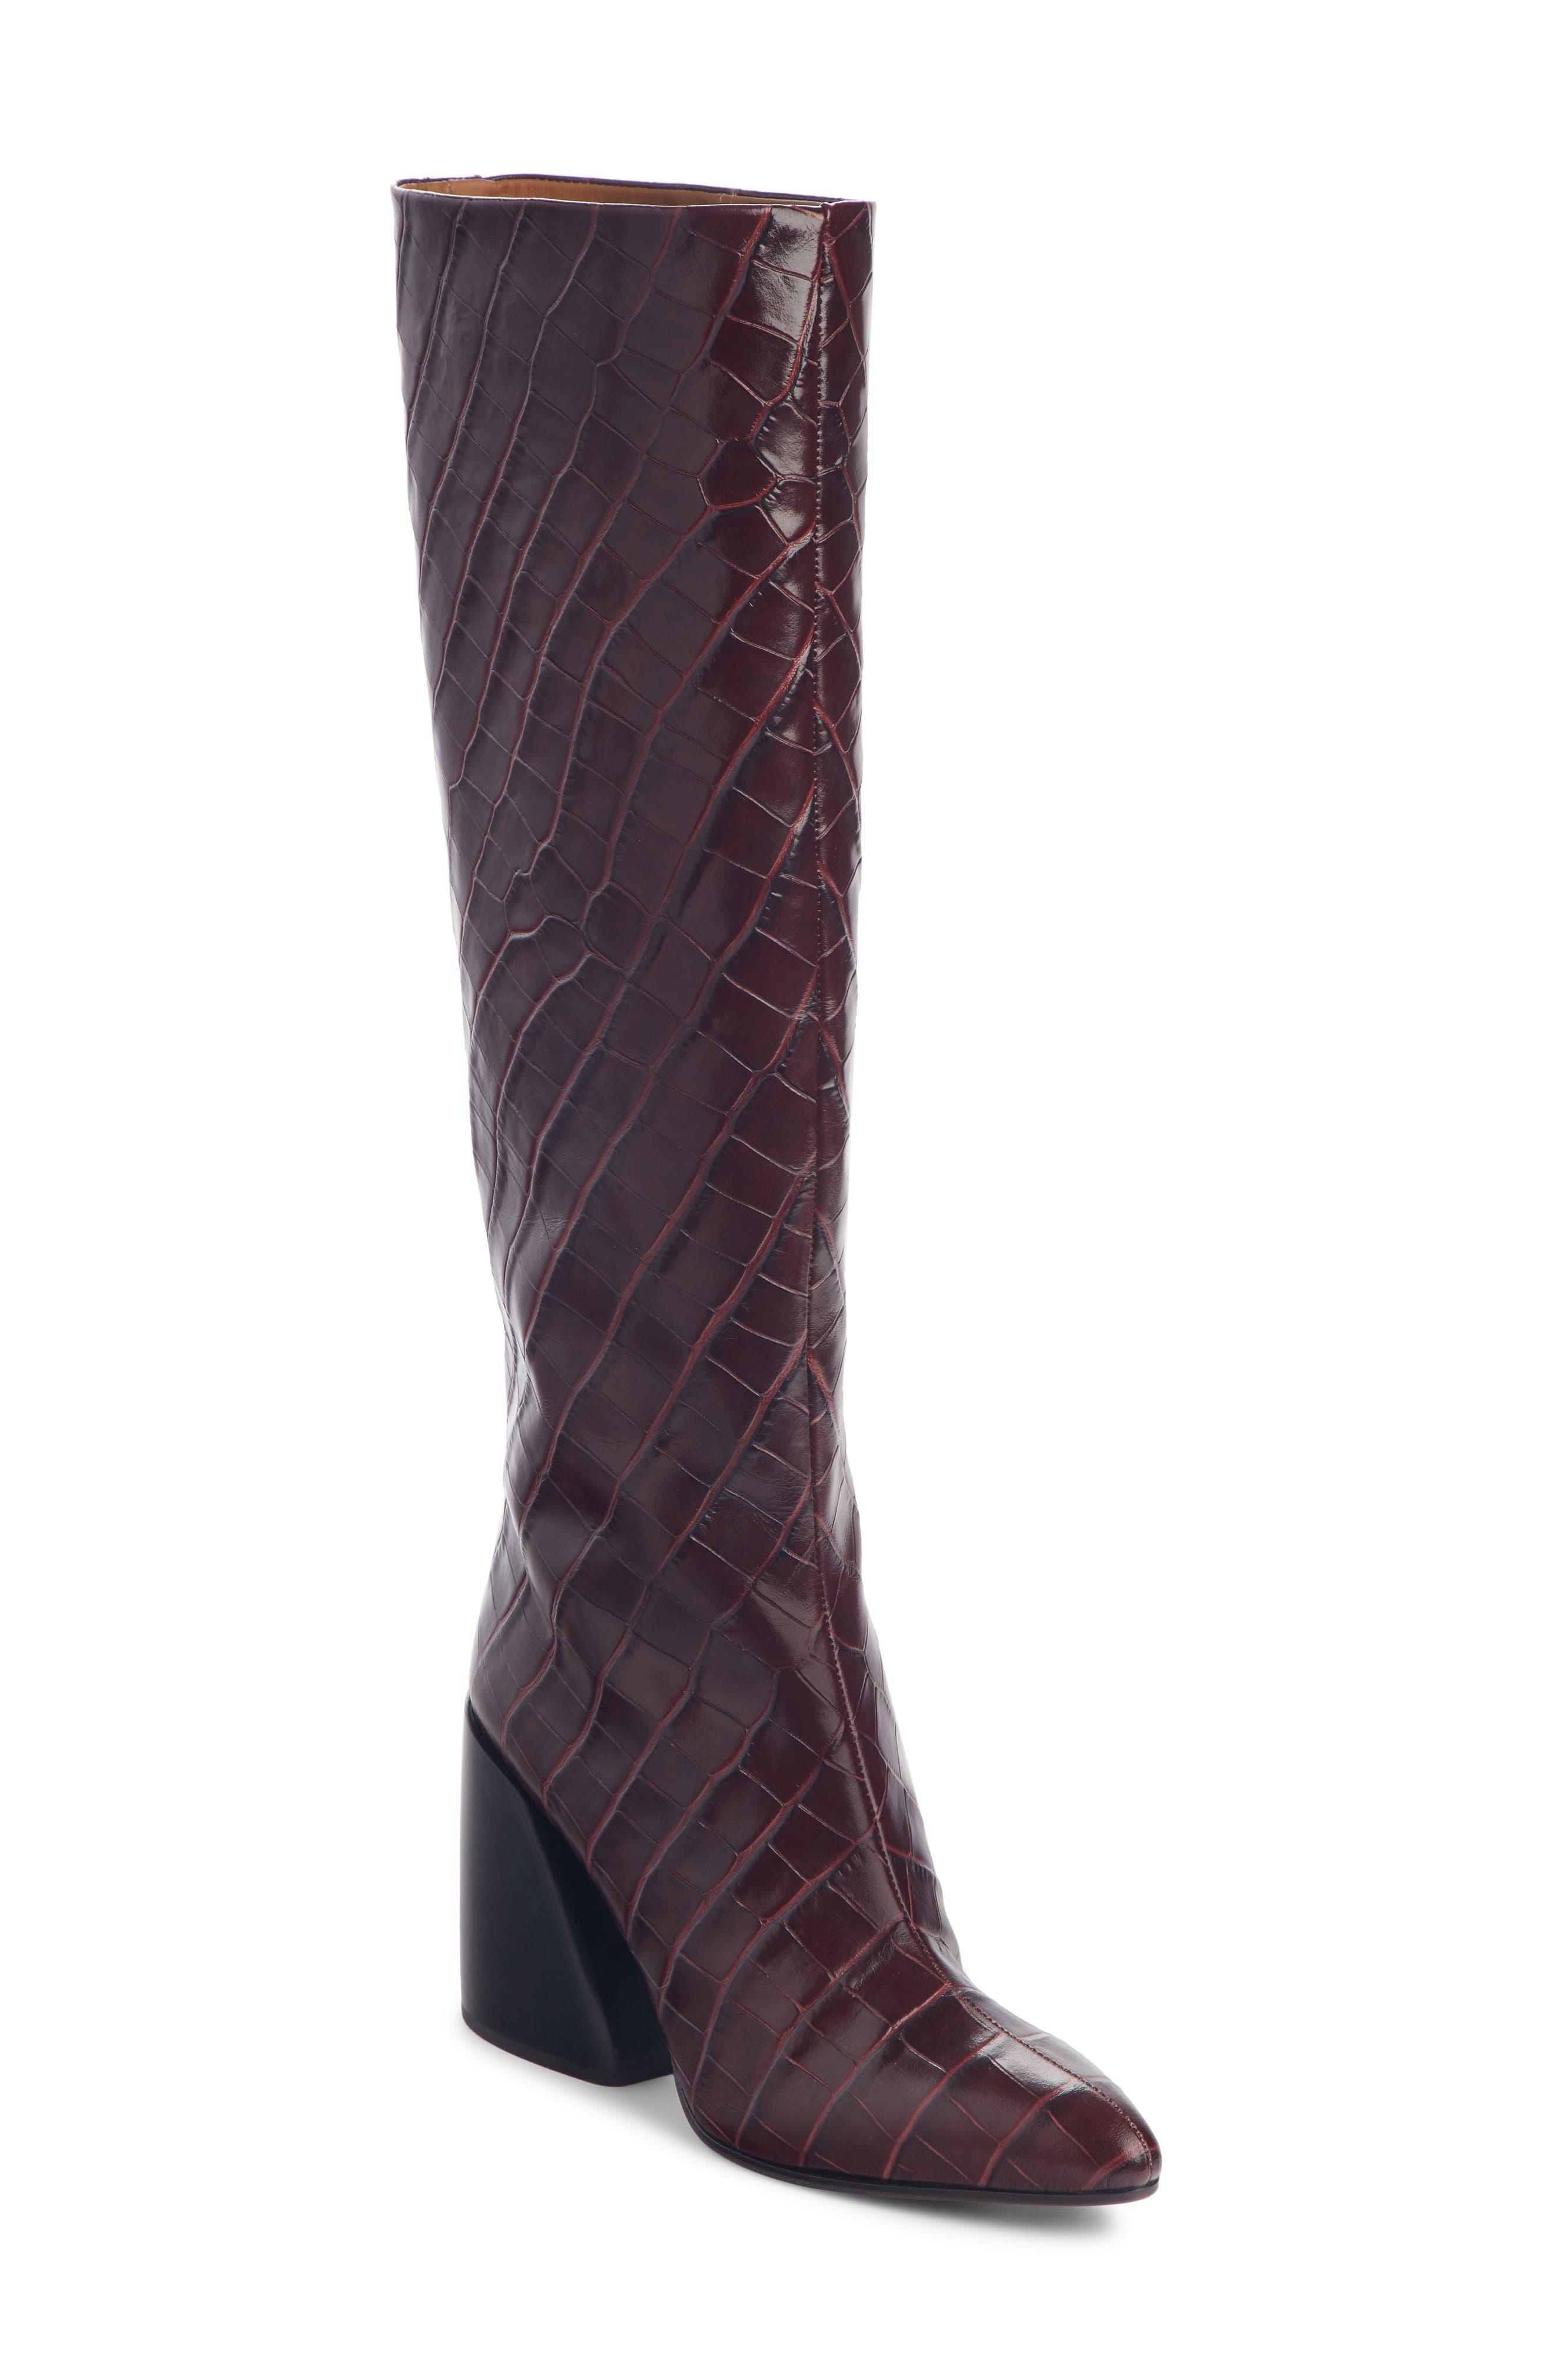 Chloe Wave Croc Embossed Knee High Boot - Purple